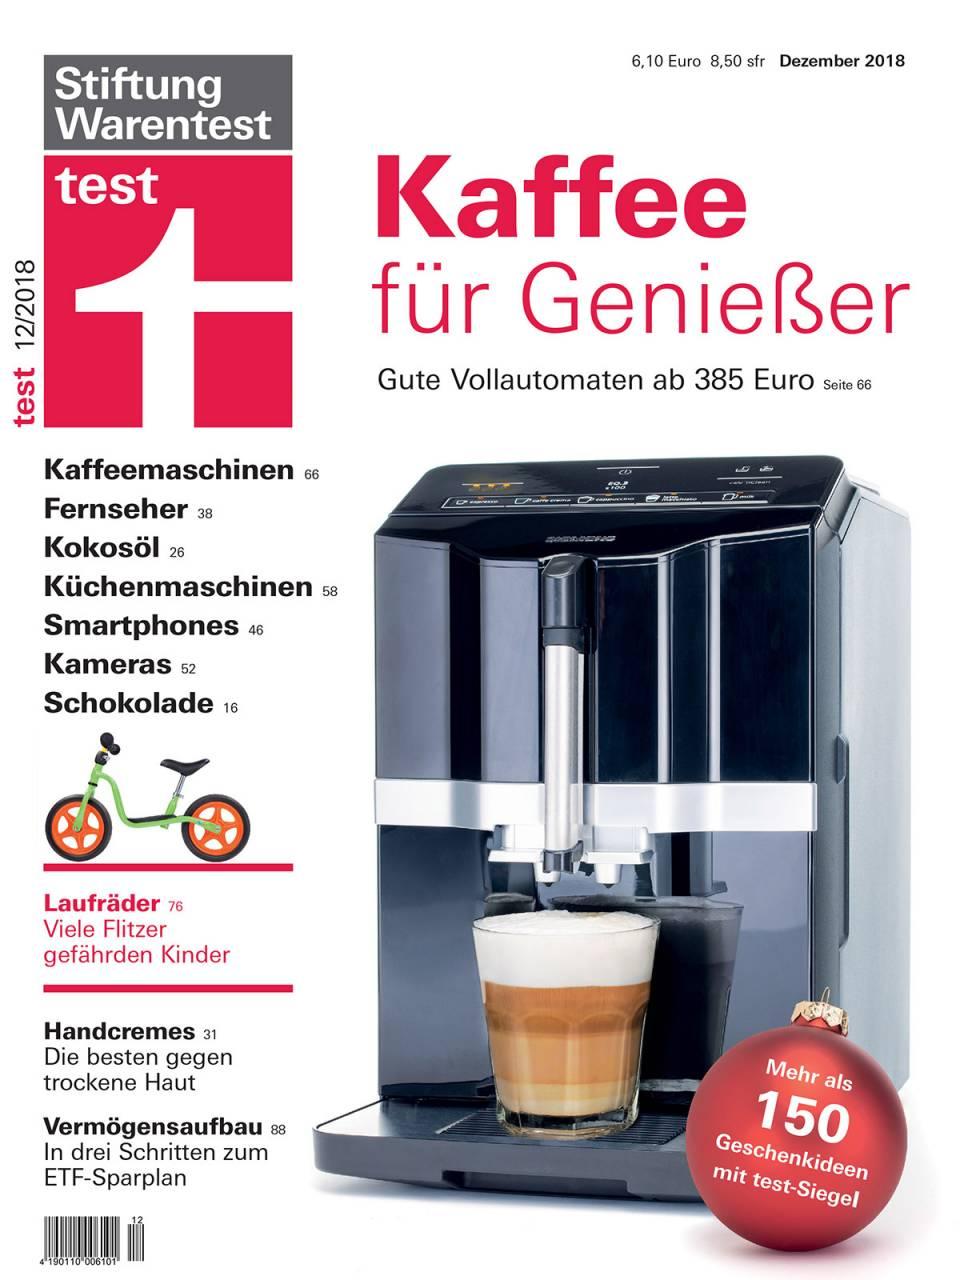 Alles Jahre wieder im Dezember: Die StiWa hat Kaffeevollautomaten im Test.